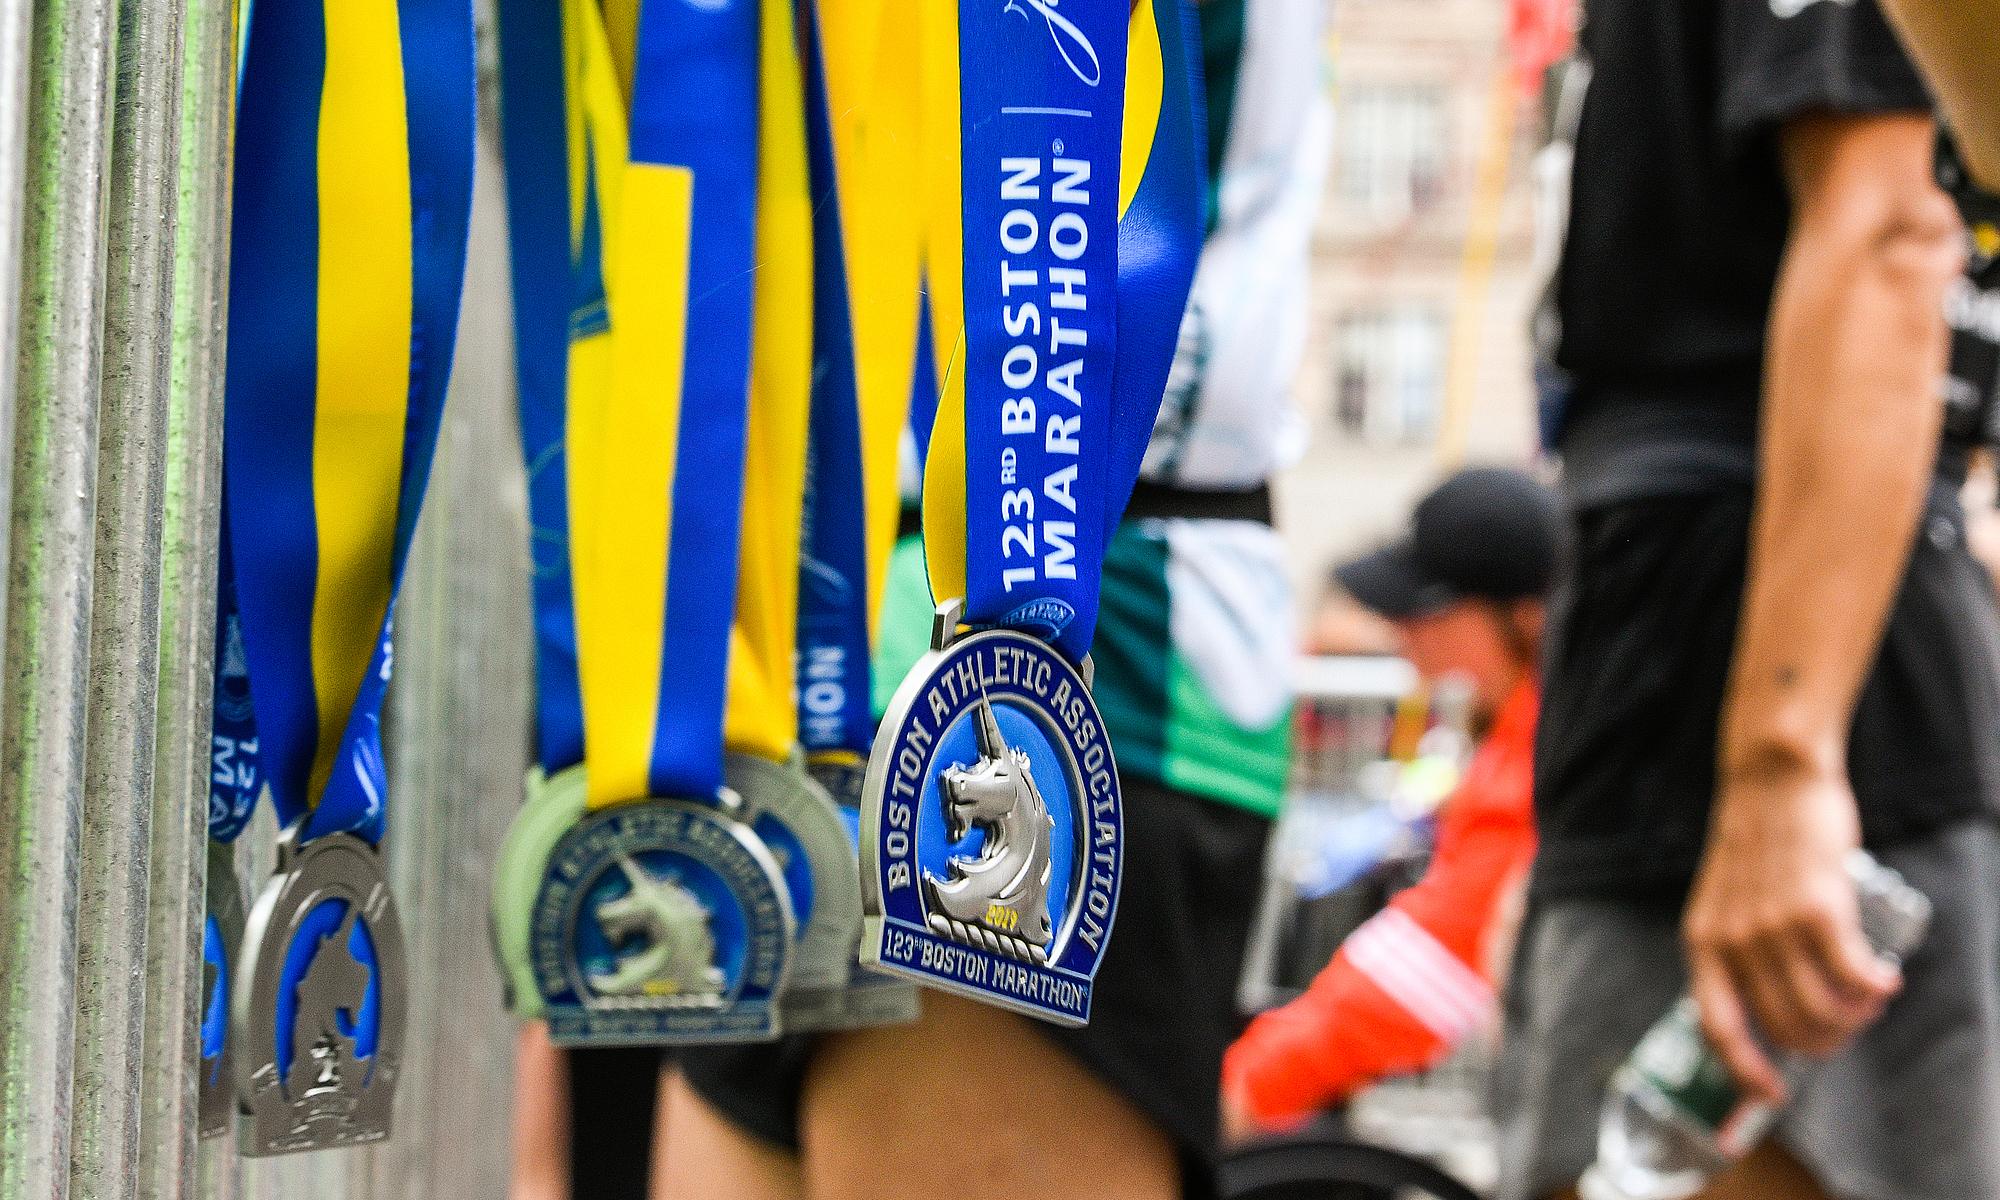 VĐV tham gia chạy ảo vẫn sẽ được nhận huy chương có biểu tượng kỳ lân của ban tổ chức, giống các VĐV dự cuộc thi truyền thống. Ảnh: BAA